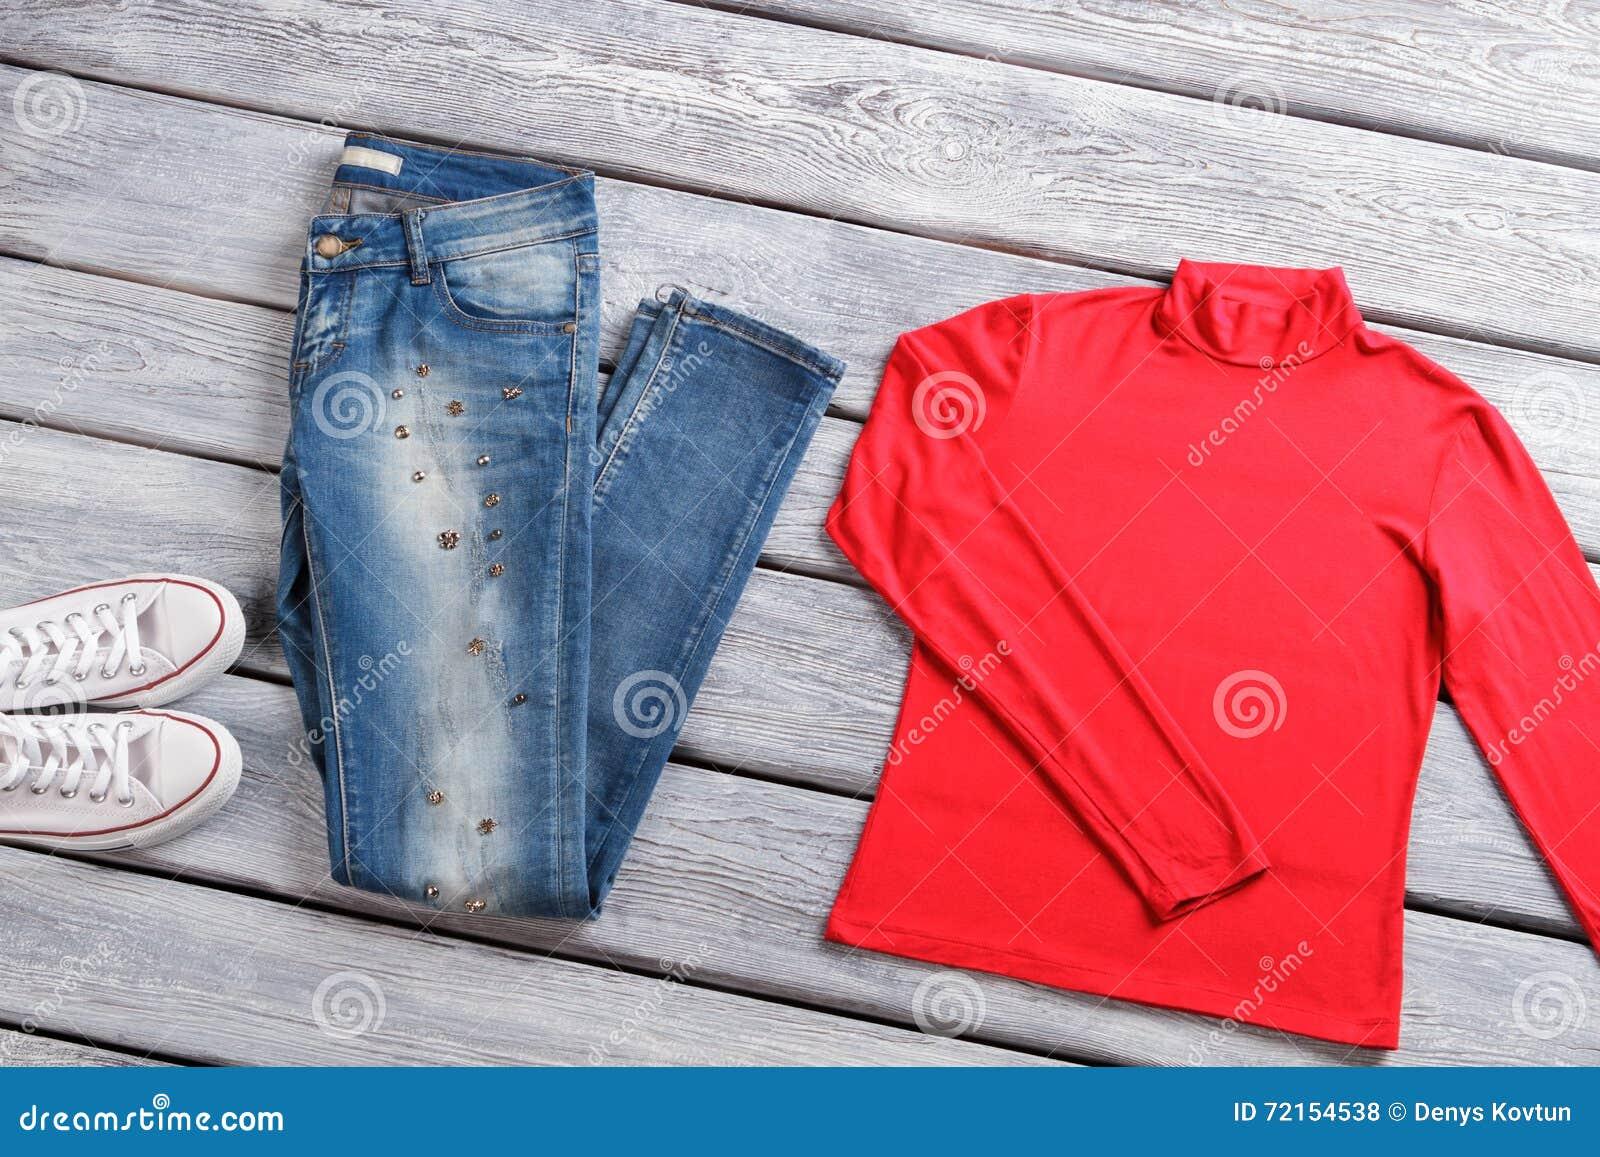 c3470a9ee0b726 Rote Spitze und Blue Jeans Zufällige Denimhosen und -schuhe Kleidung und  Schuhe auf Schaukasten Rabattkampagne hat angefangen